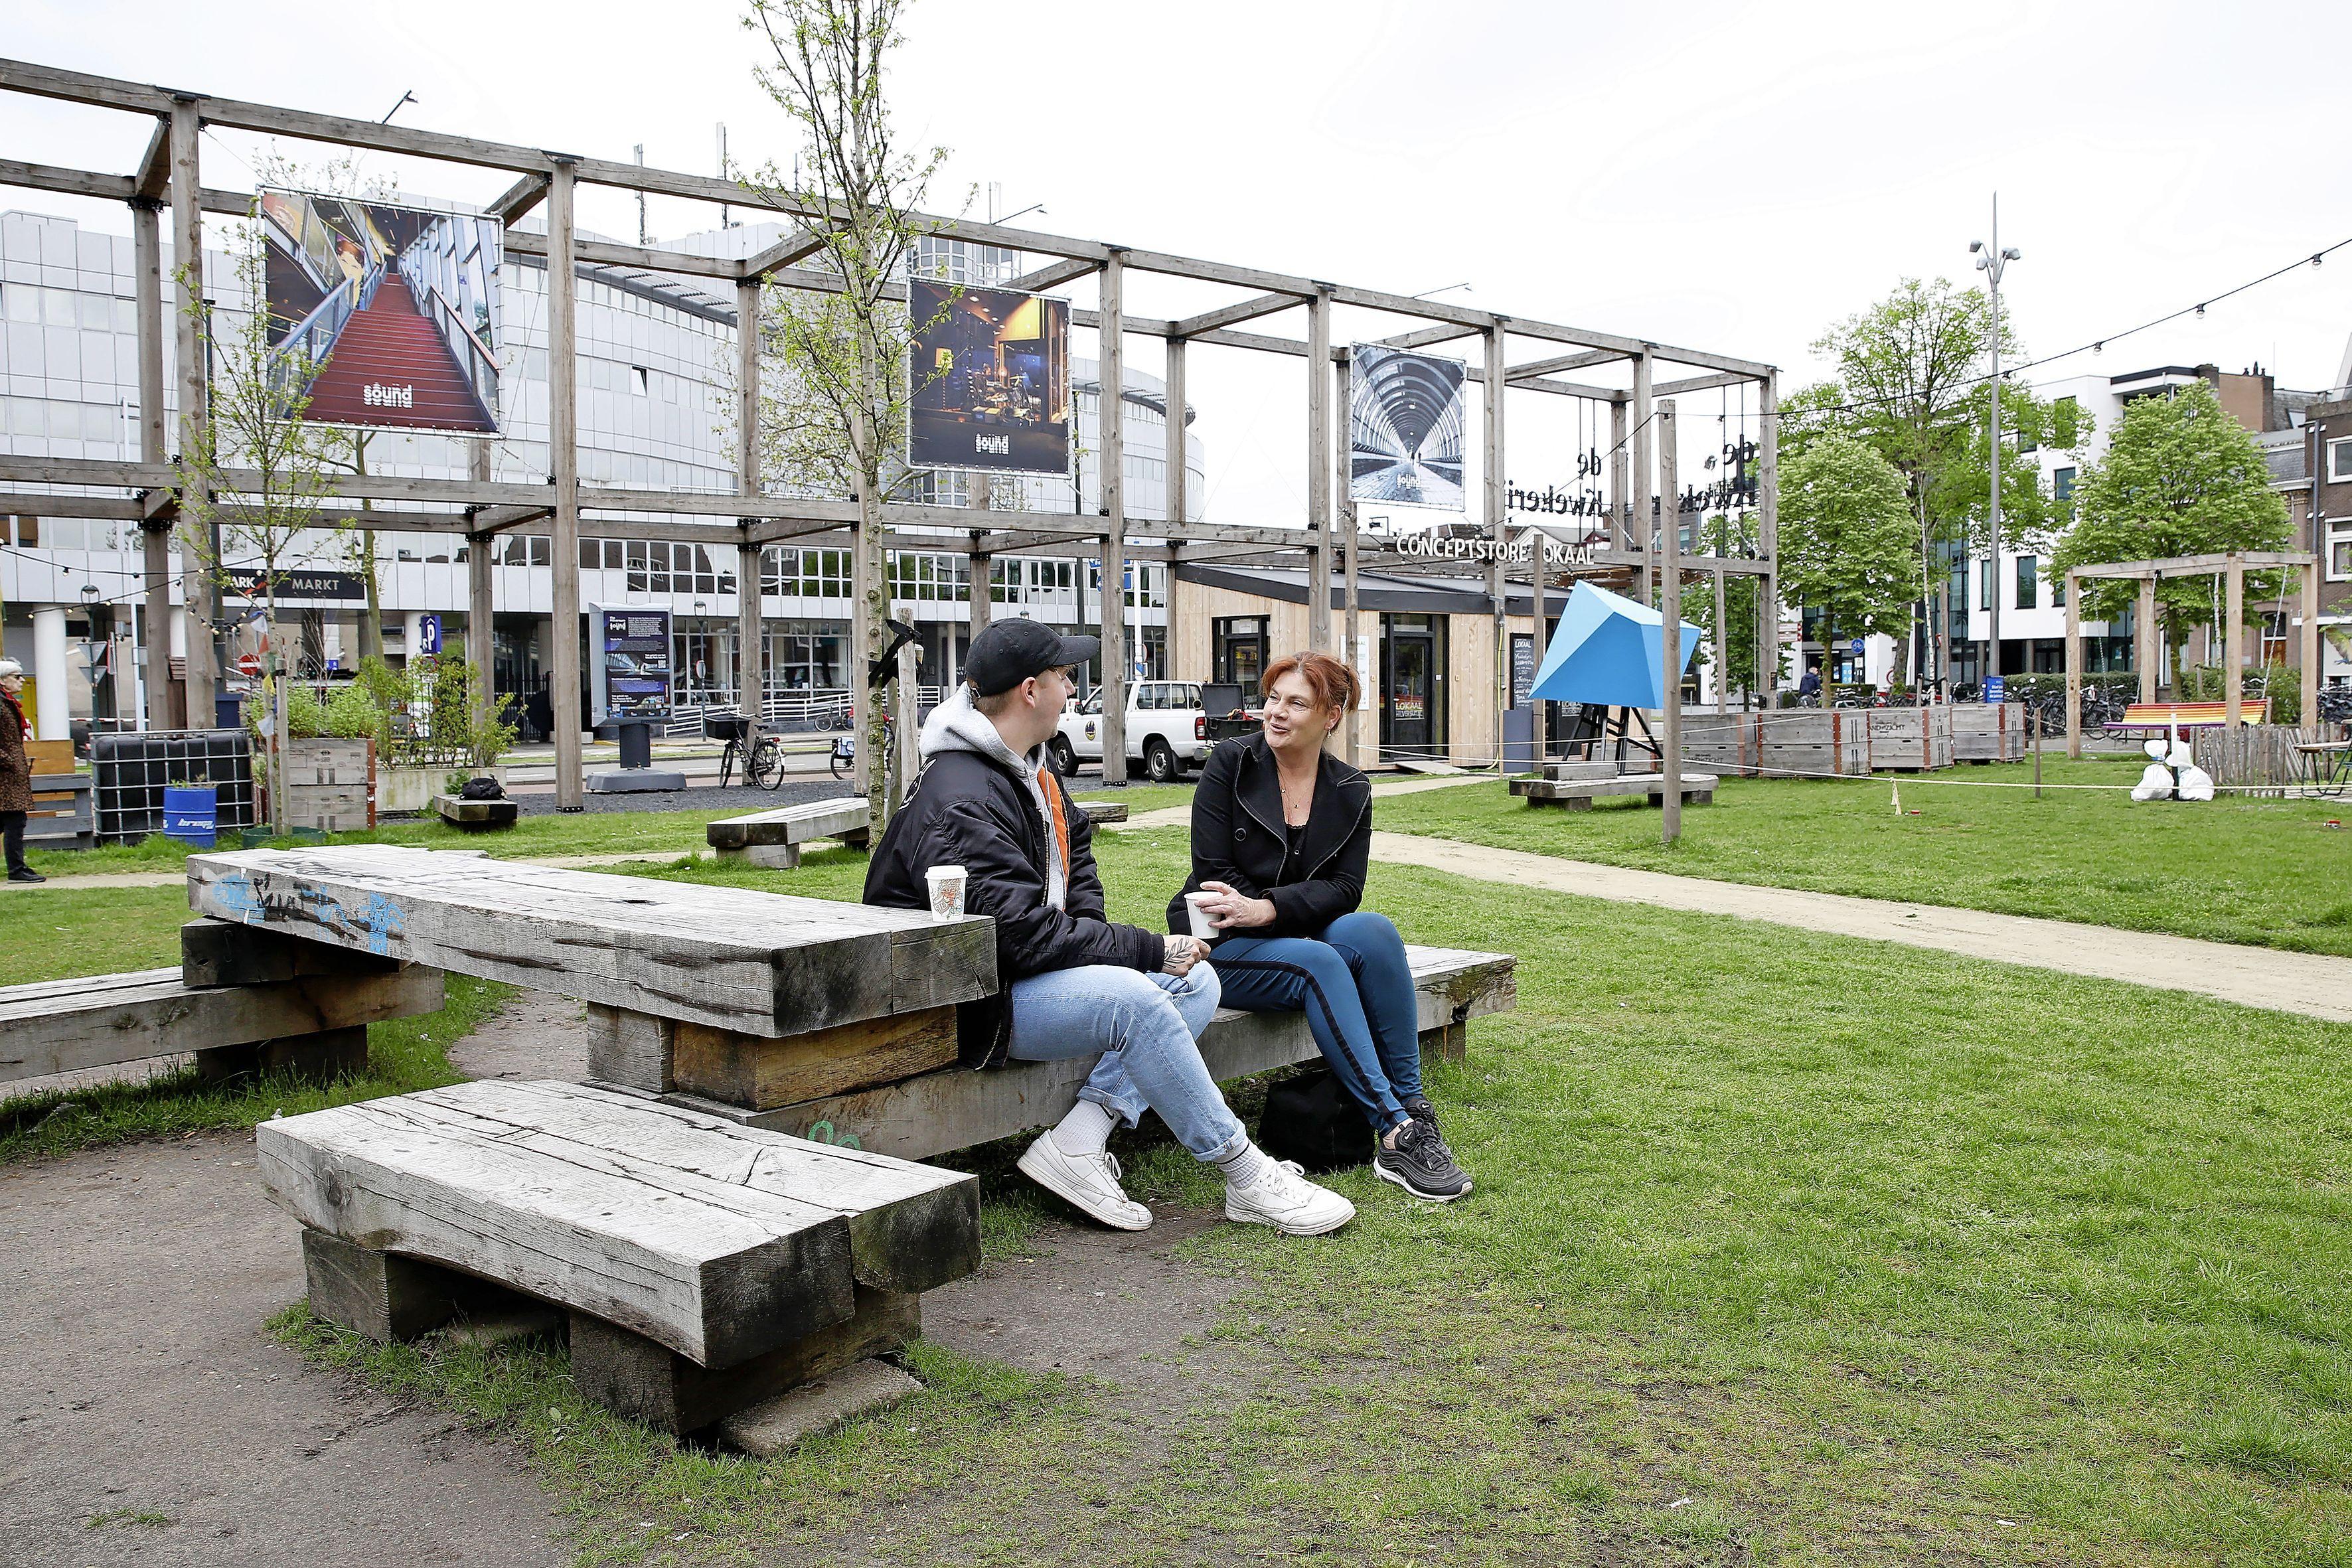 Nieuwe plek voor De Kwekerij ook tijdelijk: na verhuizing mag Hilversums stadspark vijf jaar blijven